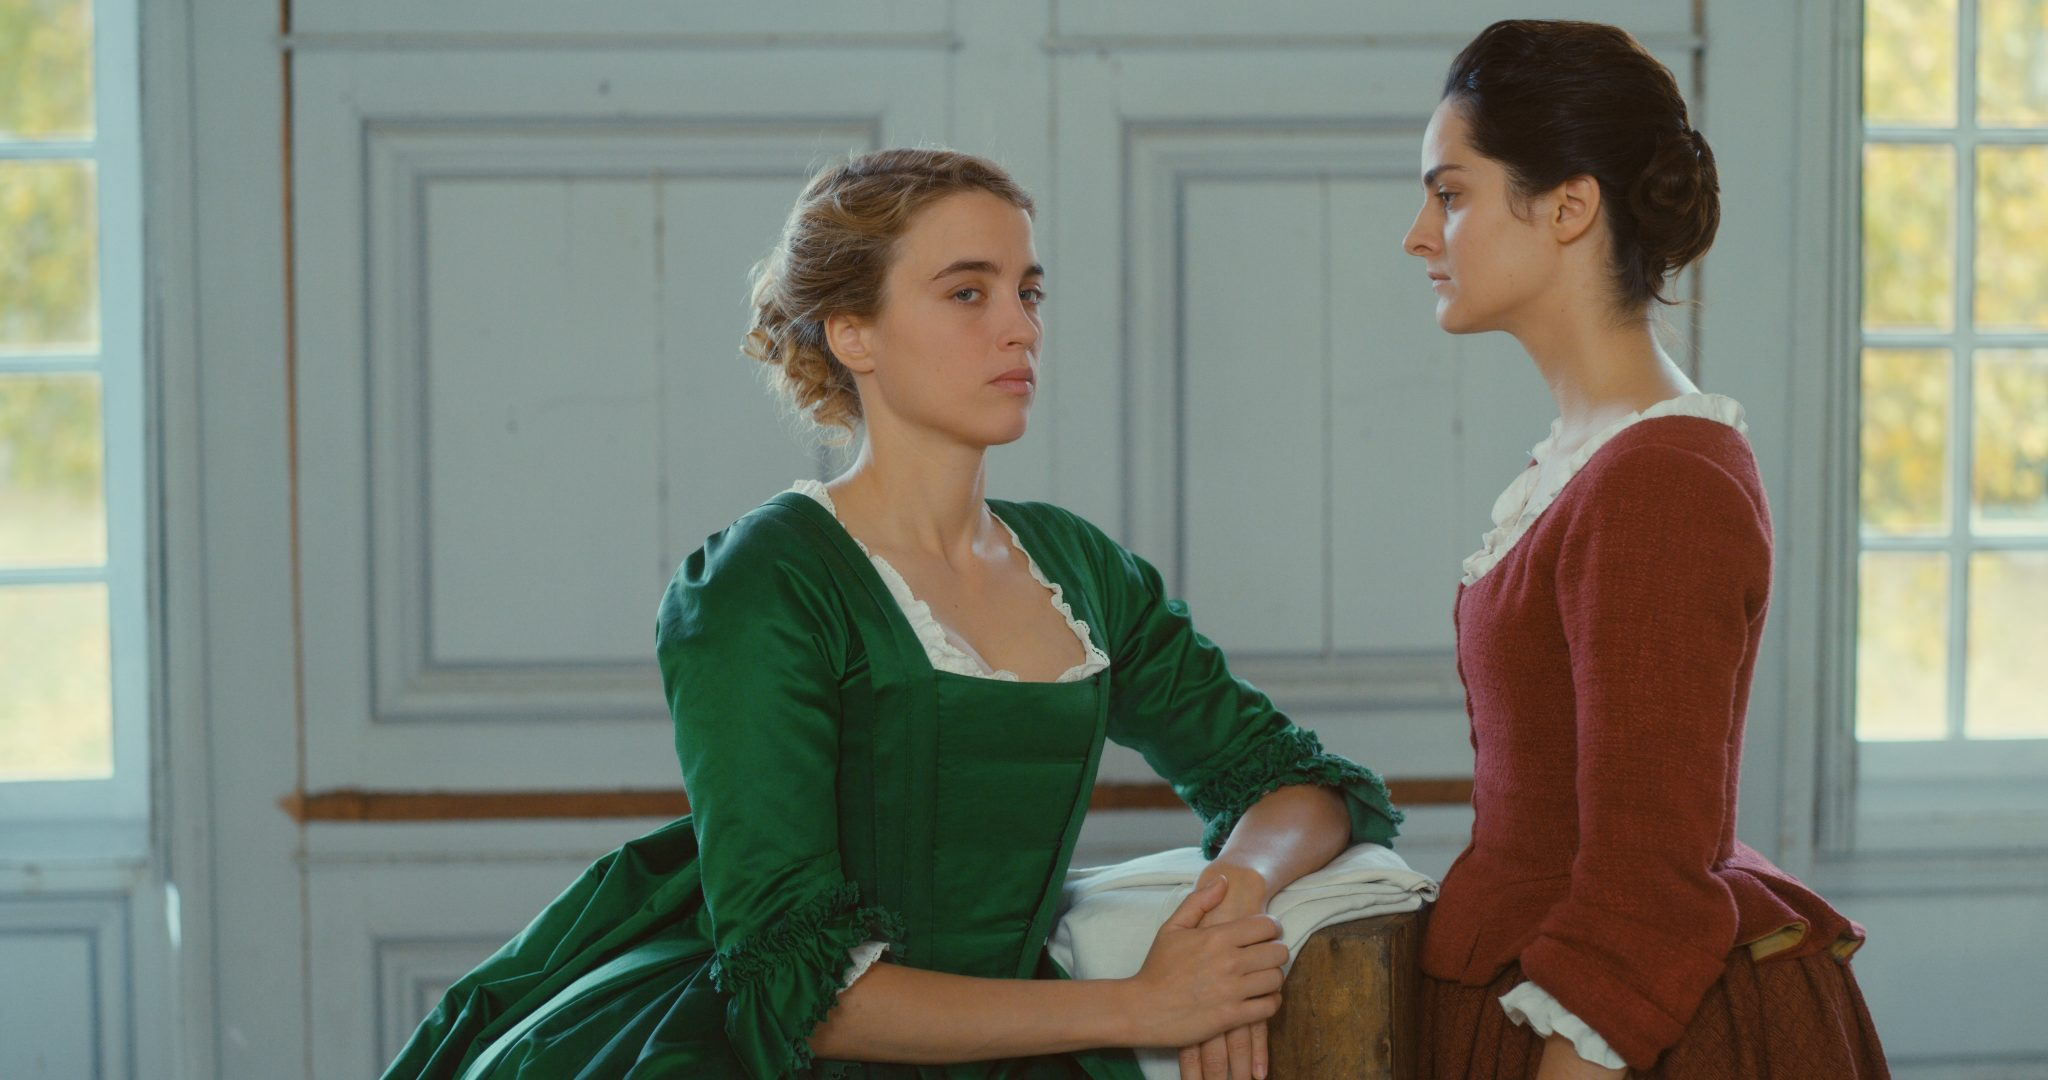 Héloïse und Marianne: Selbst in einem Film der fast ohne Männer auskommt, bleiben sie ein Verhängnis. Foto: Alamodefilm